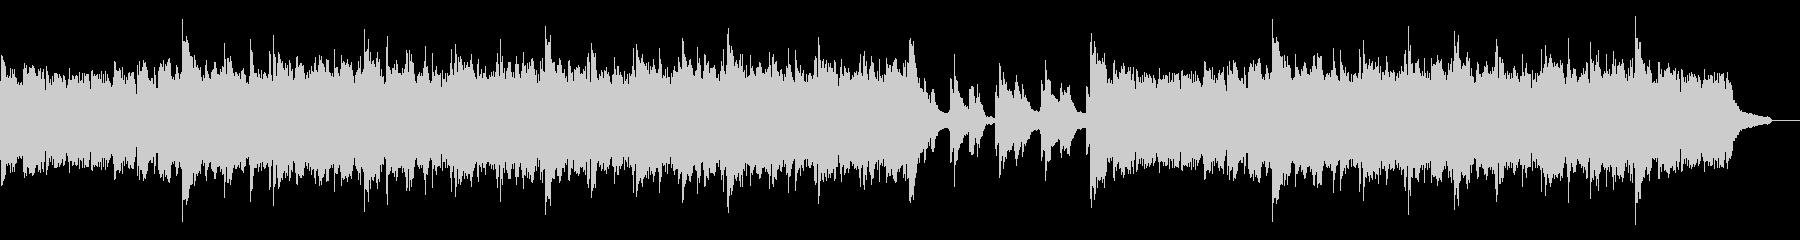 雄大なピアノアルペジオ:ピアノと小編成の未再生の波形